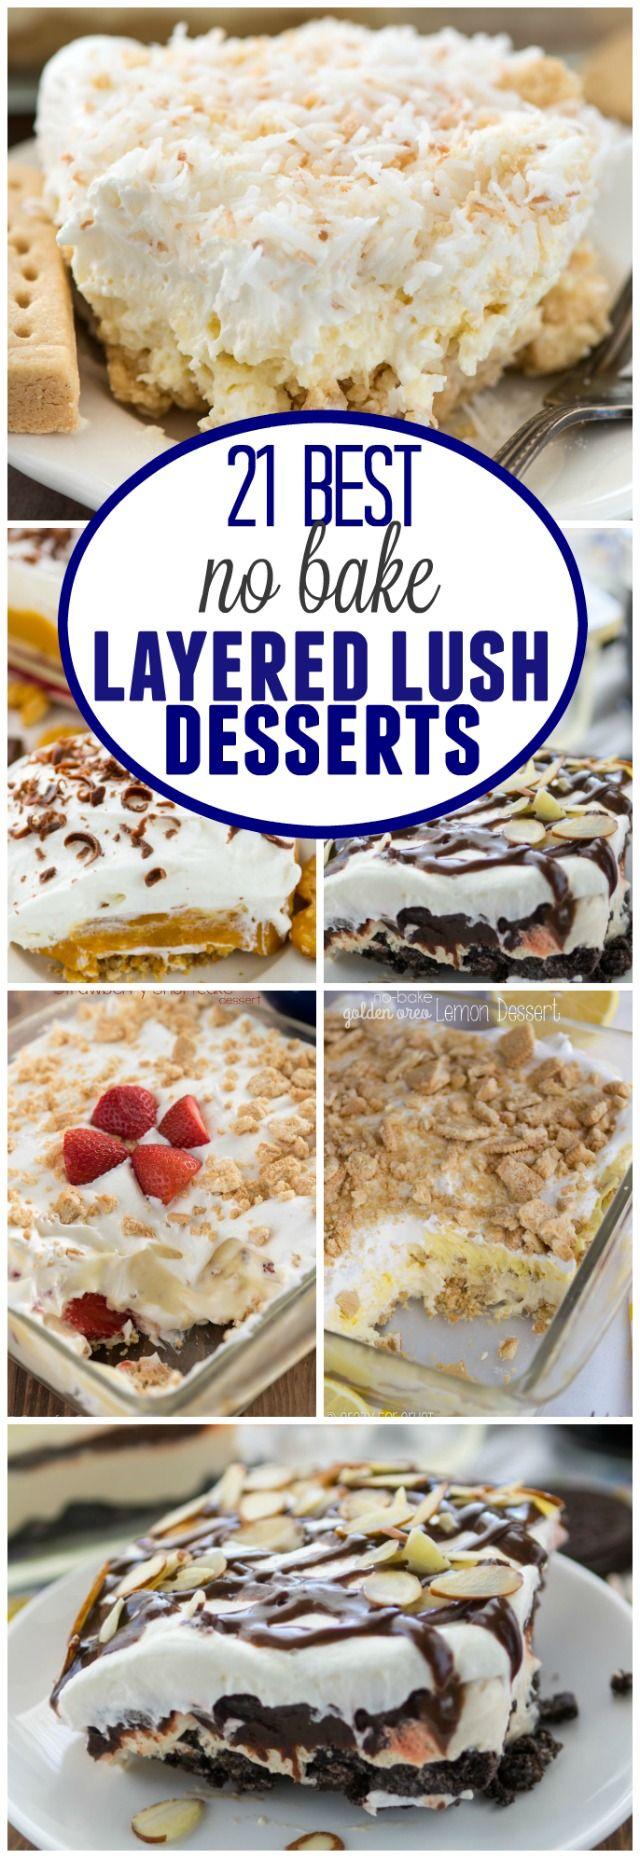 21 No Bake Layered Dessert Lush Recipes Crazy For Crust Baked Dessert Recipes Desserts Easy No Bake Desserts